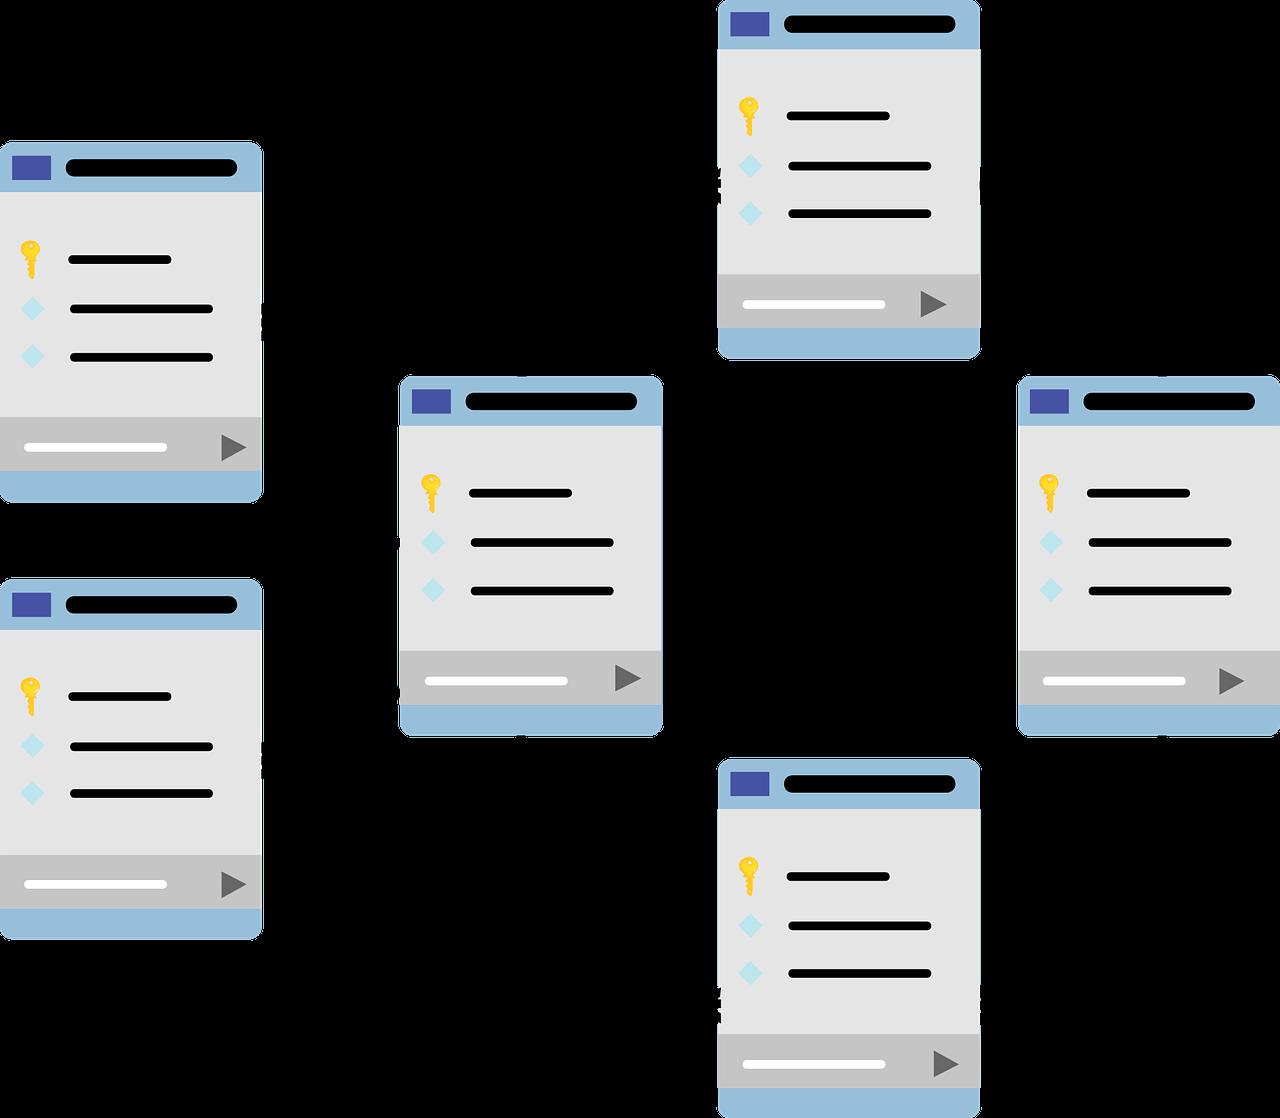 esquema de la base de datos